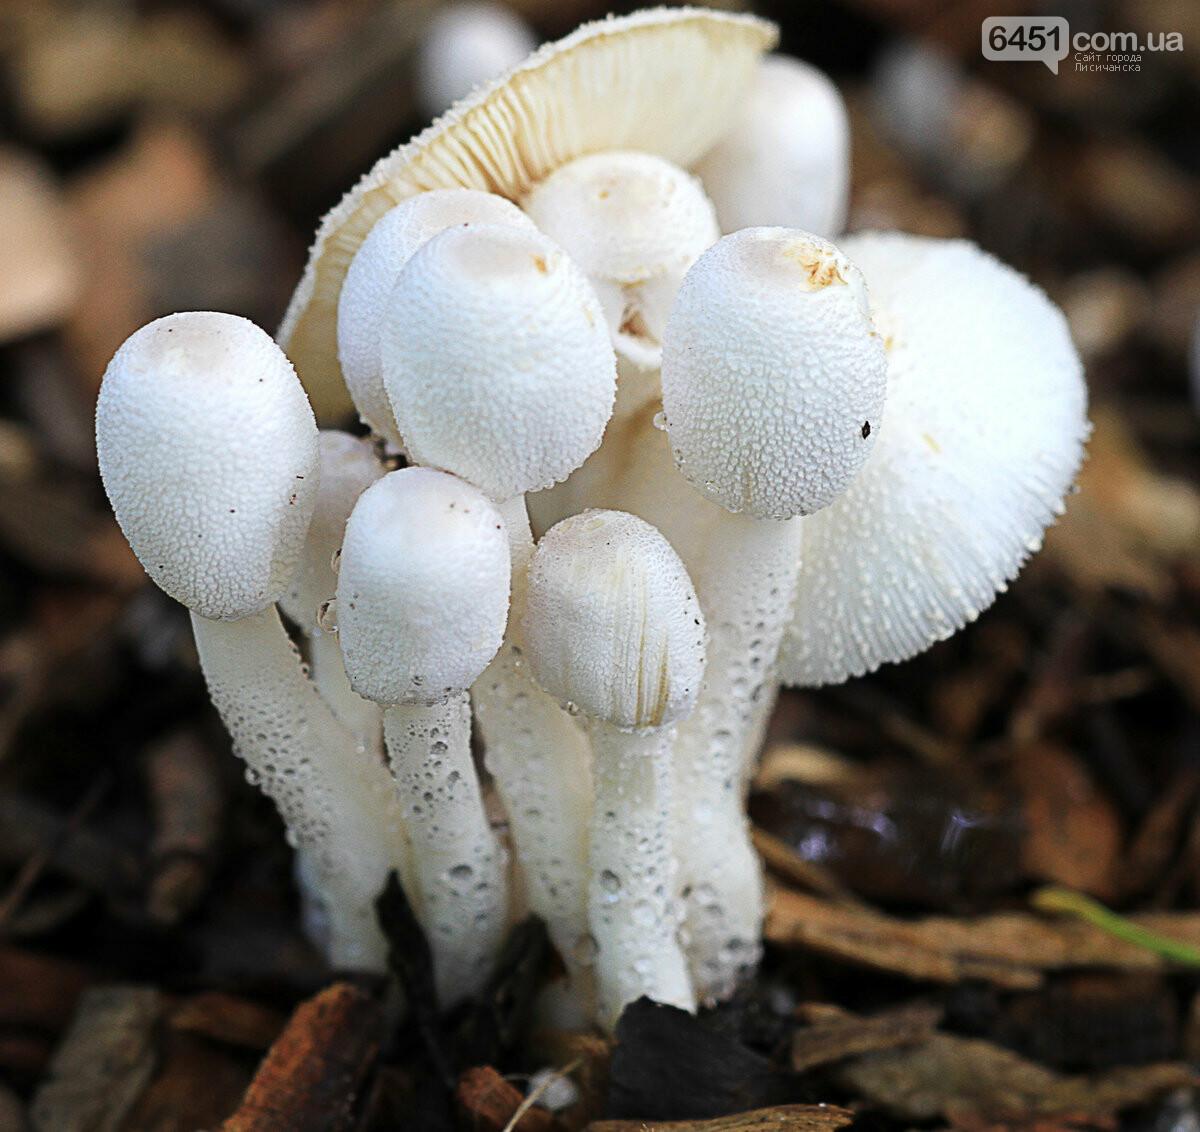 Грибной сезон на Луганщине открыт: как лисичанам не отравиться грибами?, фото-2